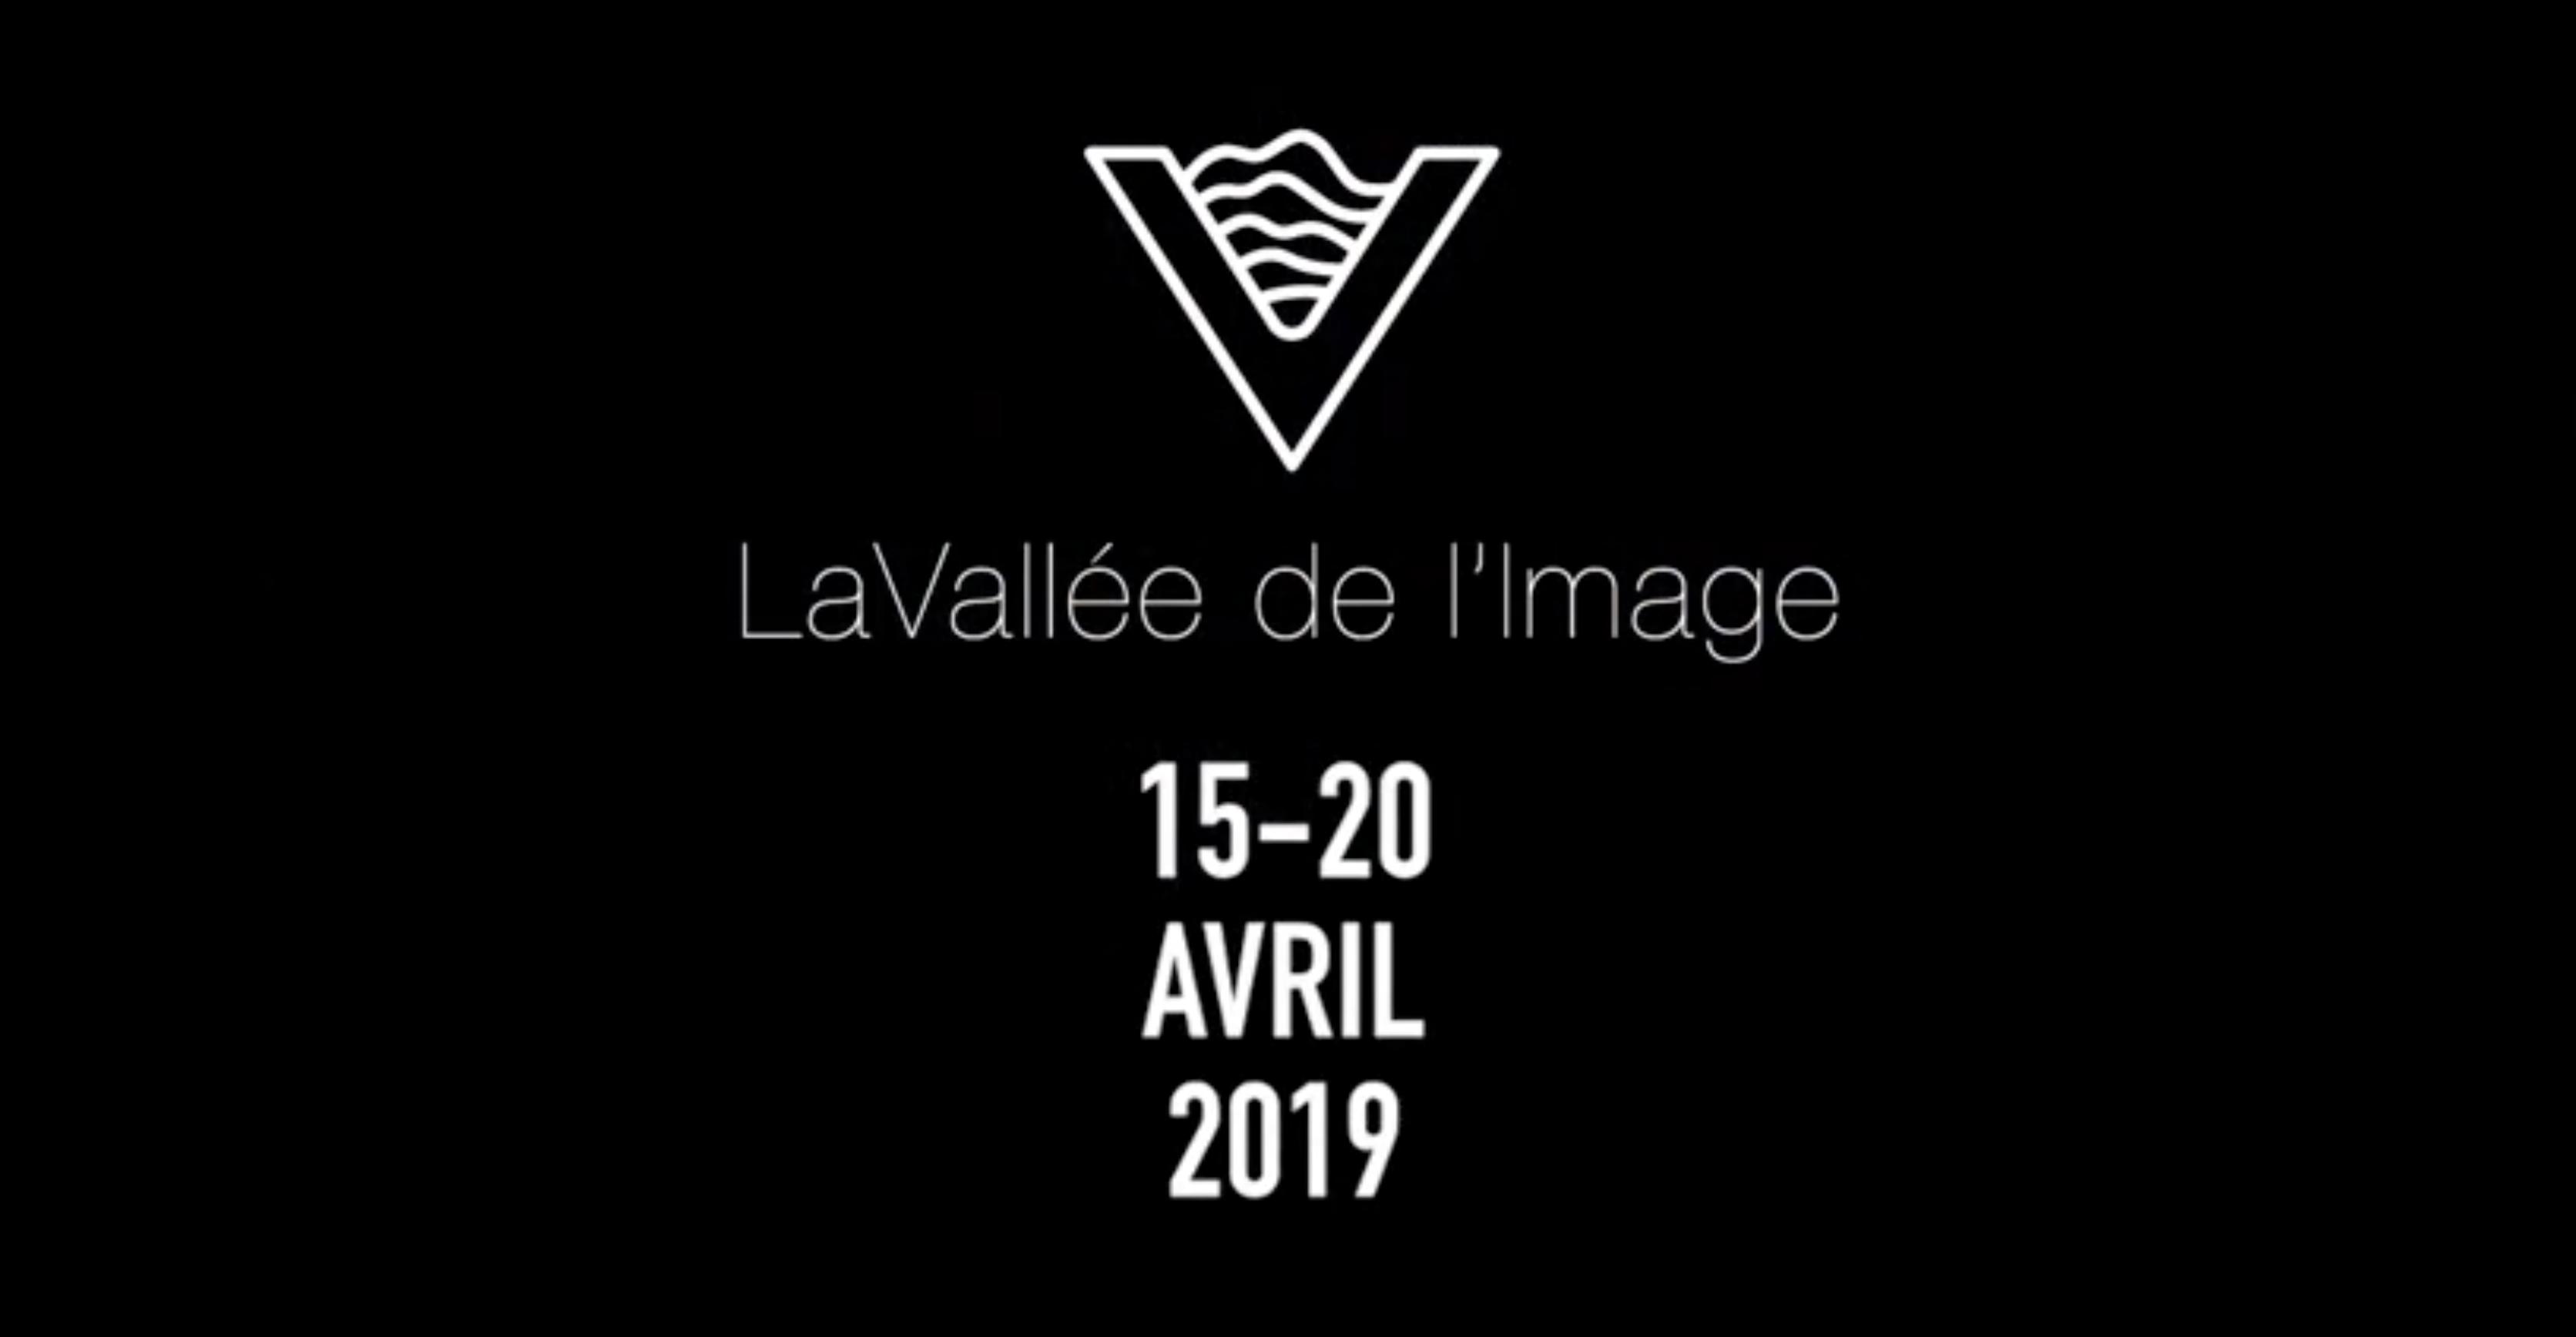 11._LaVallée_de_l'Image_2019